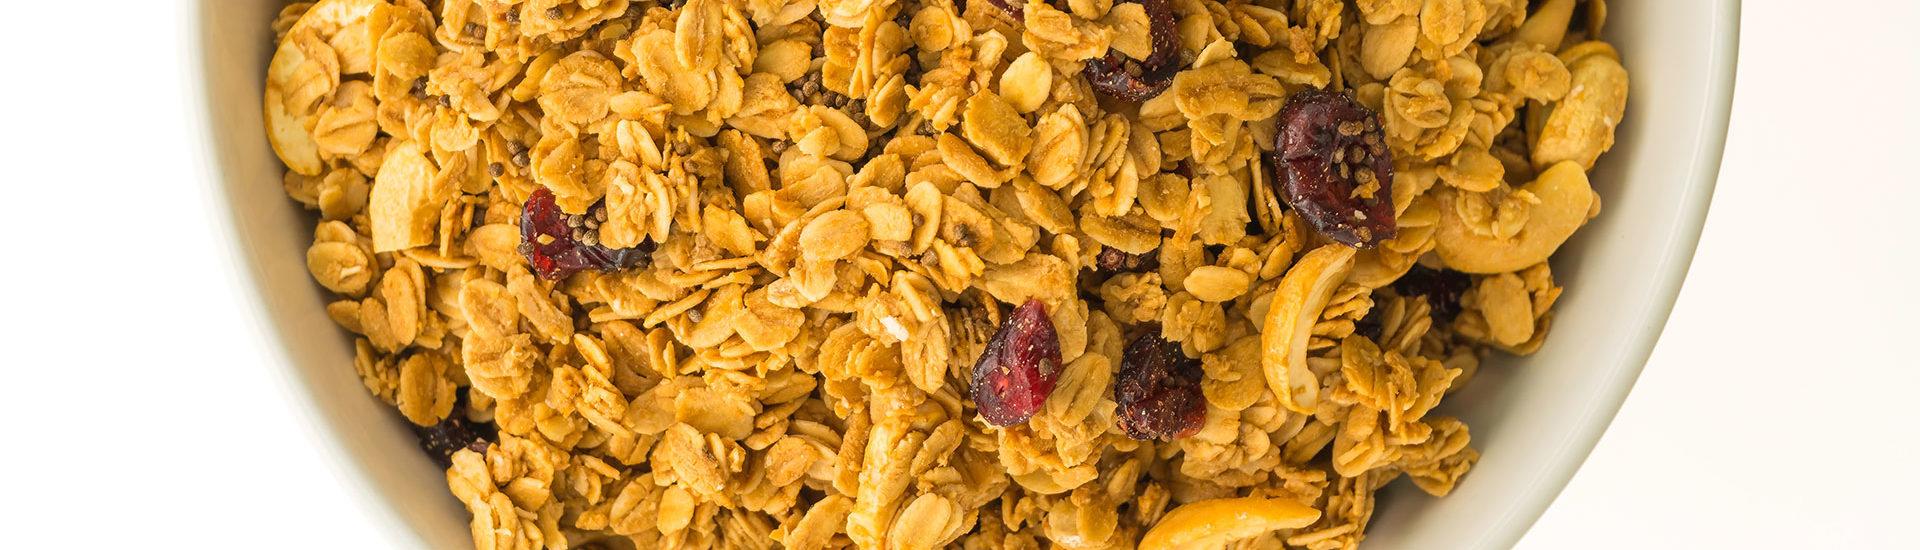 história da granola feinkost alimentos saudáveis